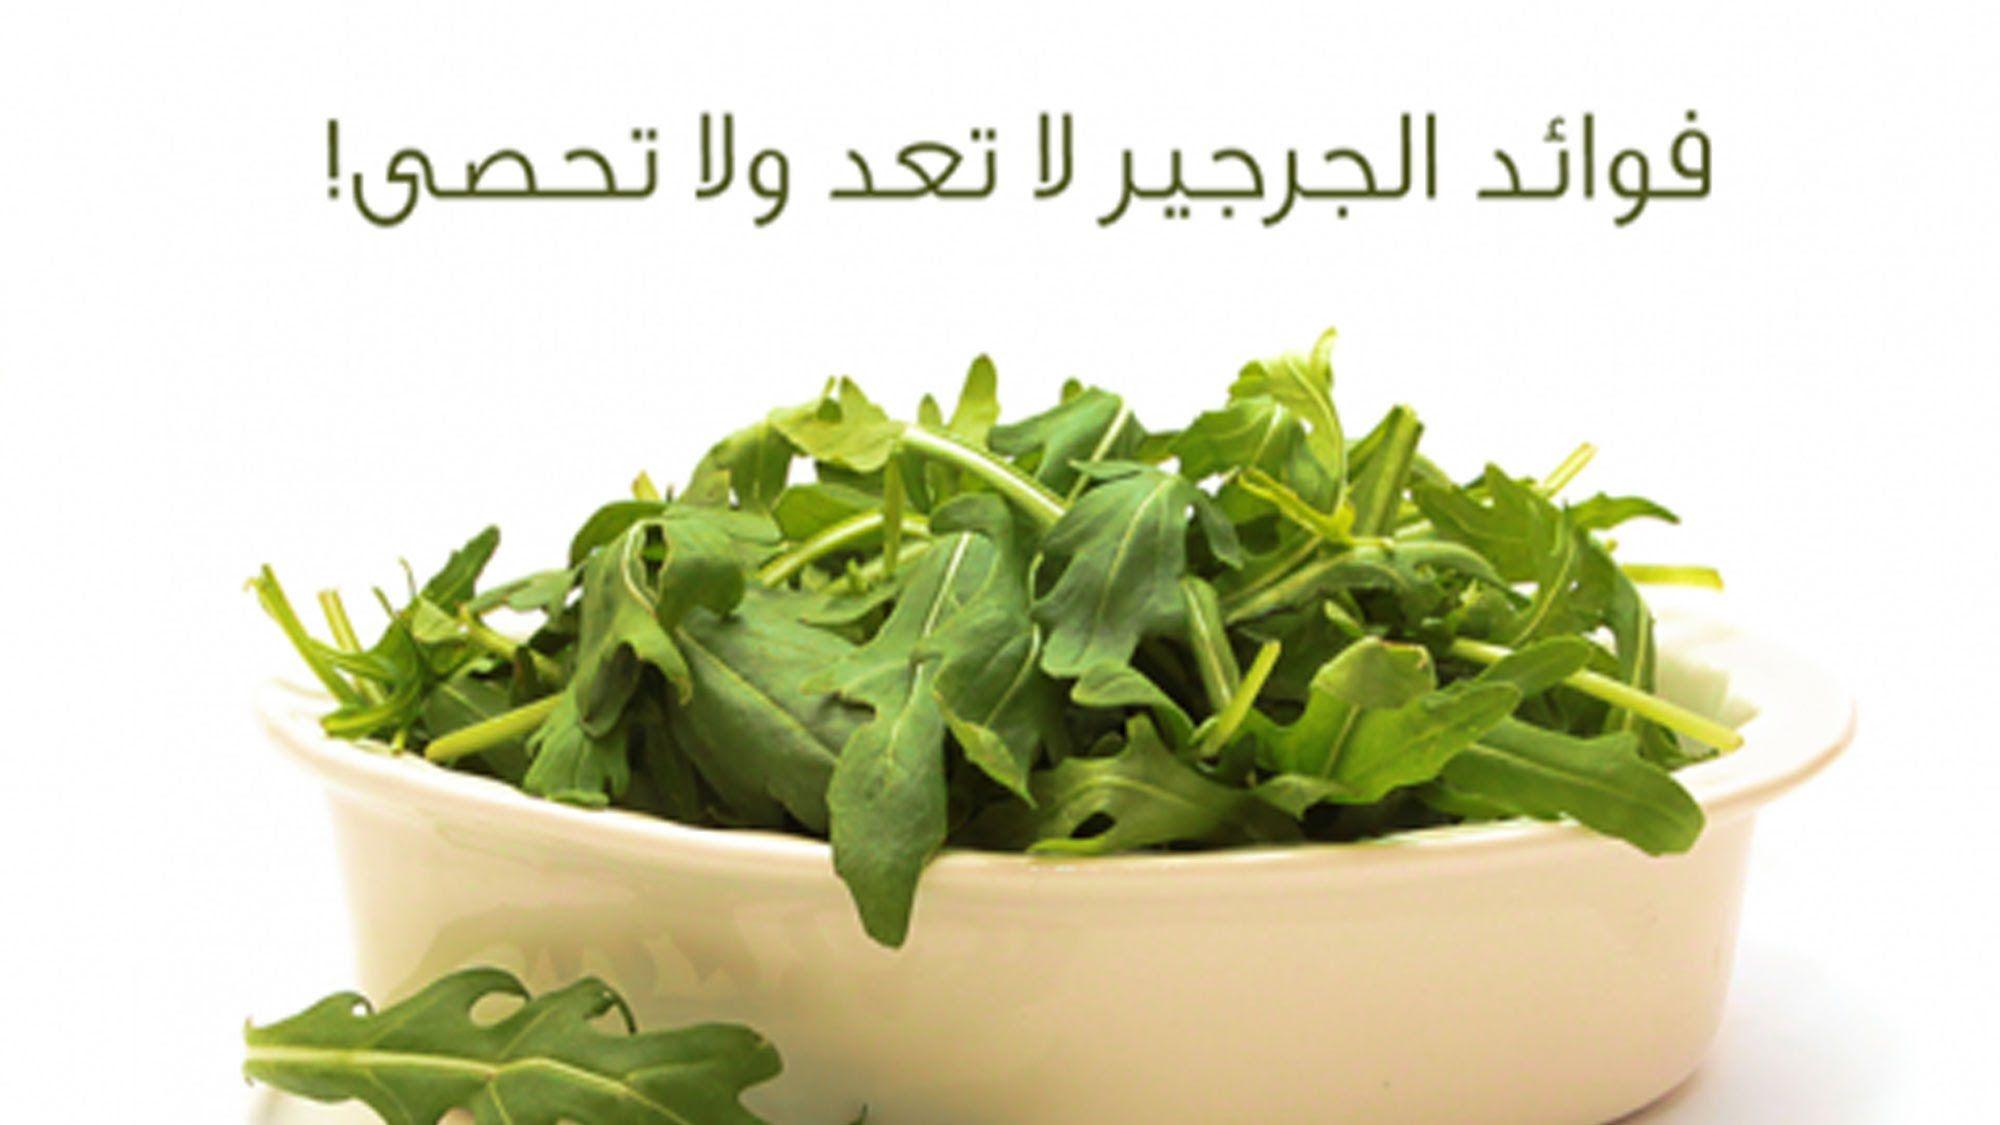 الجرجير فى جسم الانسان مفاجأة هل تأكل الجرجير انظر ماذا يفعل Health Food Food Spinach